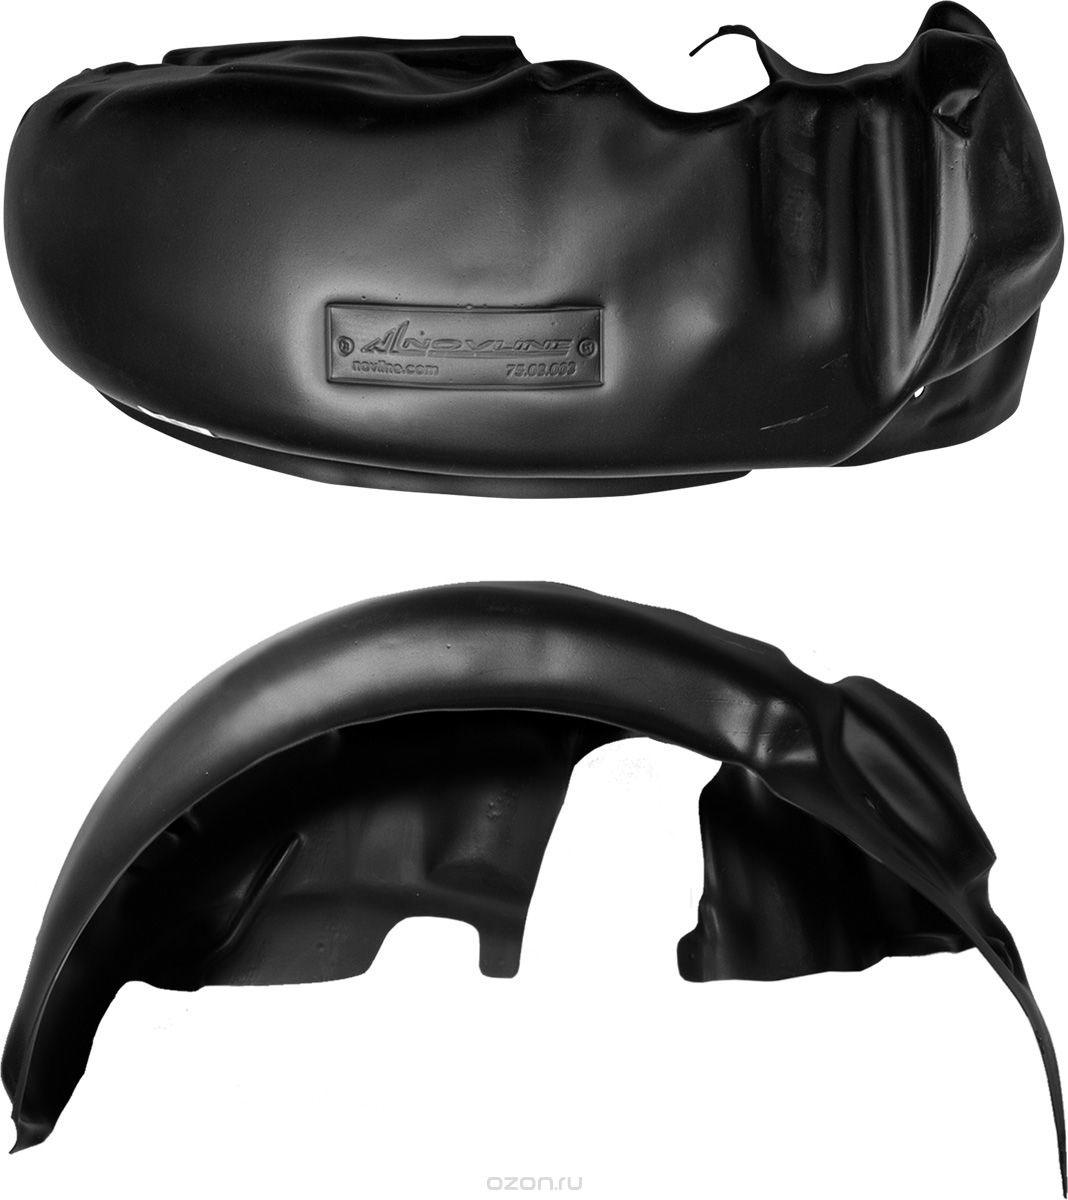 Подкрылок Novline-Autofamily, для Daewoo Nexia, 1995-2007, 2007->, задний правый002104Идеальная защита колесной ниши. Локеры разработаны с применением цифровых технологий, гарантируют максимальную повторяемость поверхности арки. Изделия устанавливаются без нарушения лакокрасочного покрытия автомобиля, каждый подкрылок комплектуется крепежом. Уважаемые клиенты, обращаем ваше внимание, что фотографии на подкрылки универсальные и не отражают реальную форму изделия. При этом само изделие идет точно под размер указанного автомобиля.